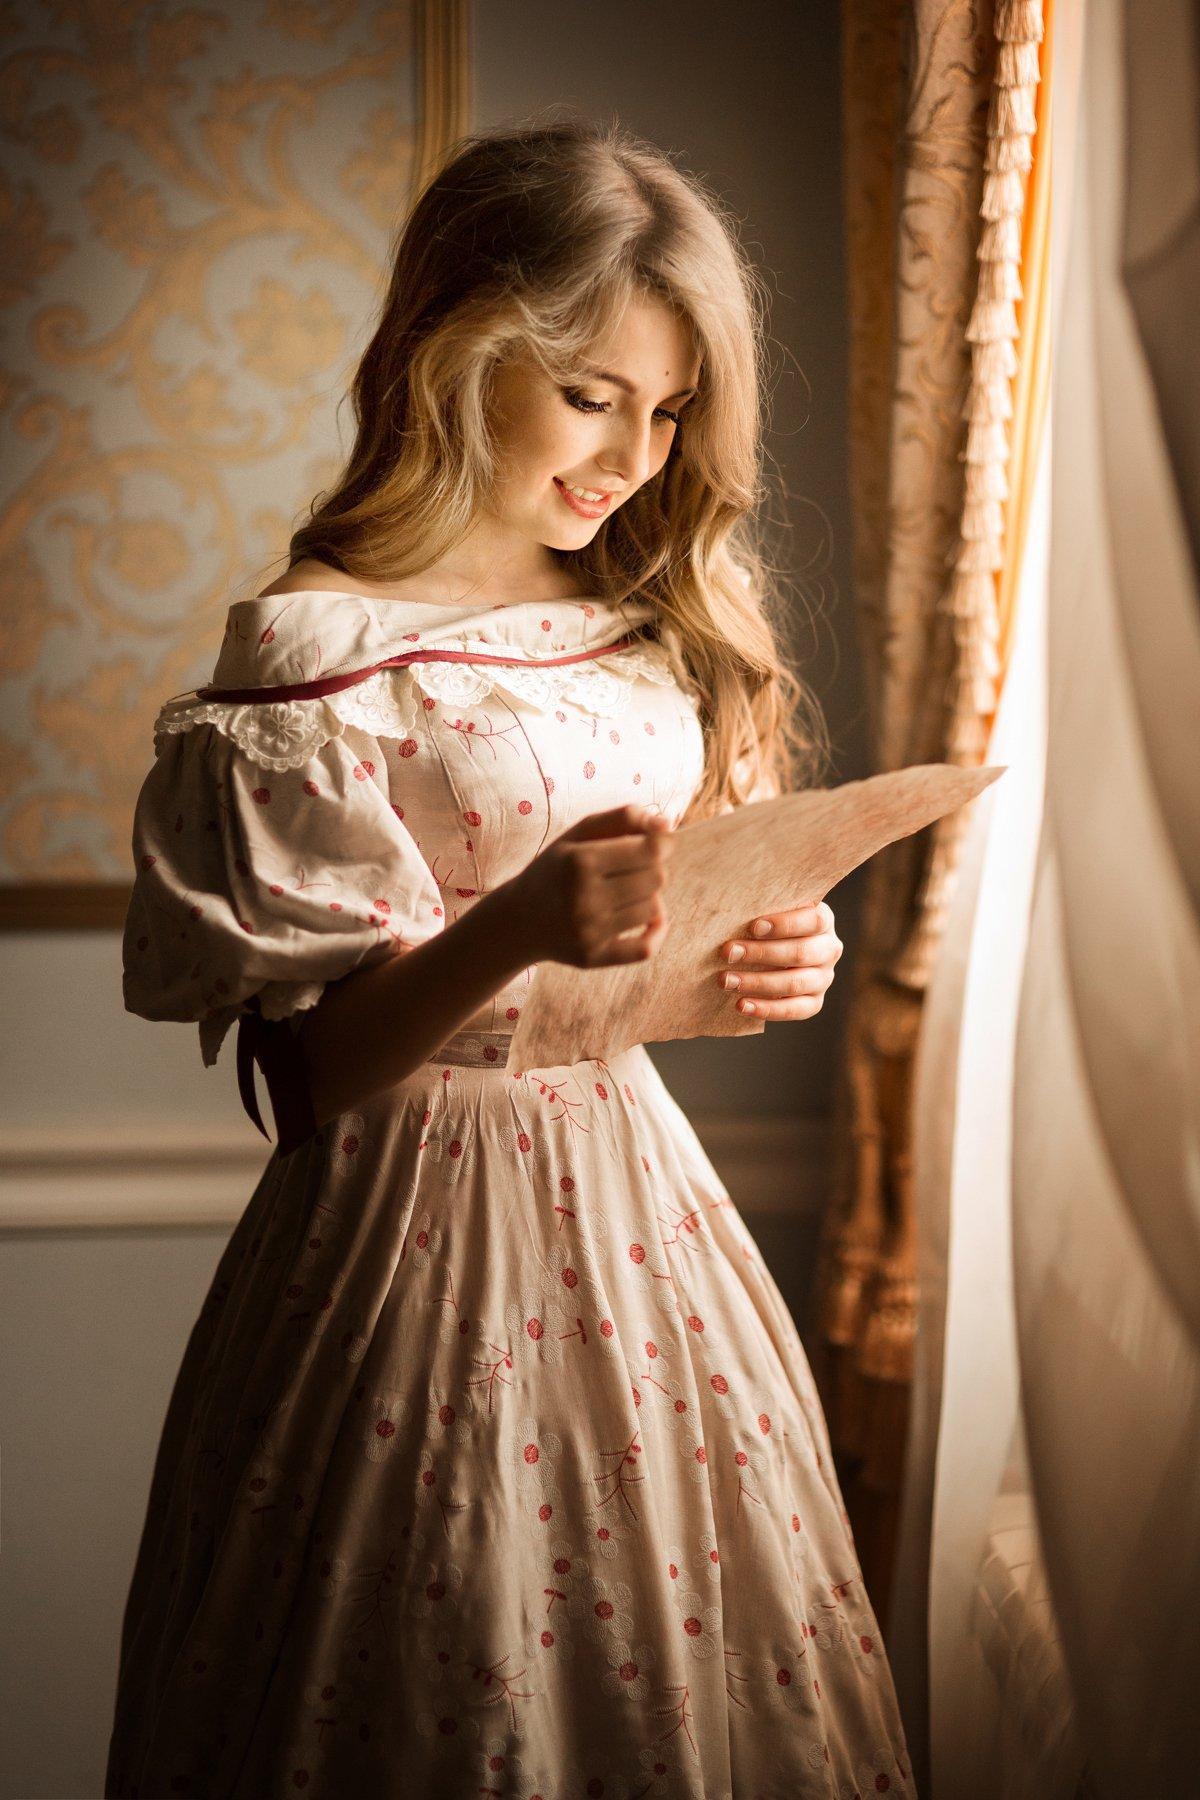 девушка, красивая, 19 век, история, историческая реконструкция, платье, образ, Комарова Дарья